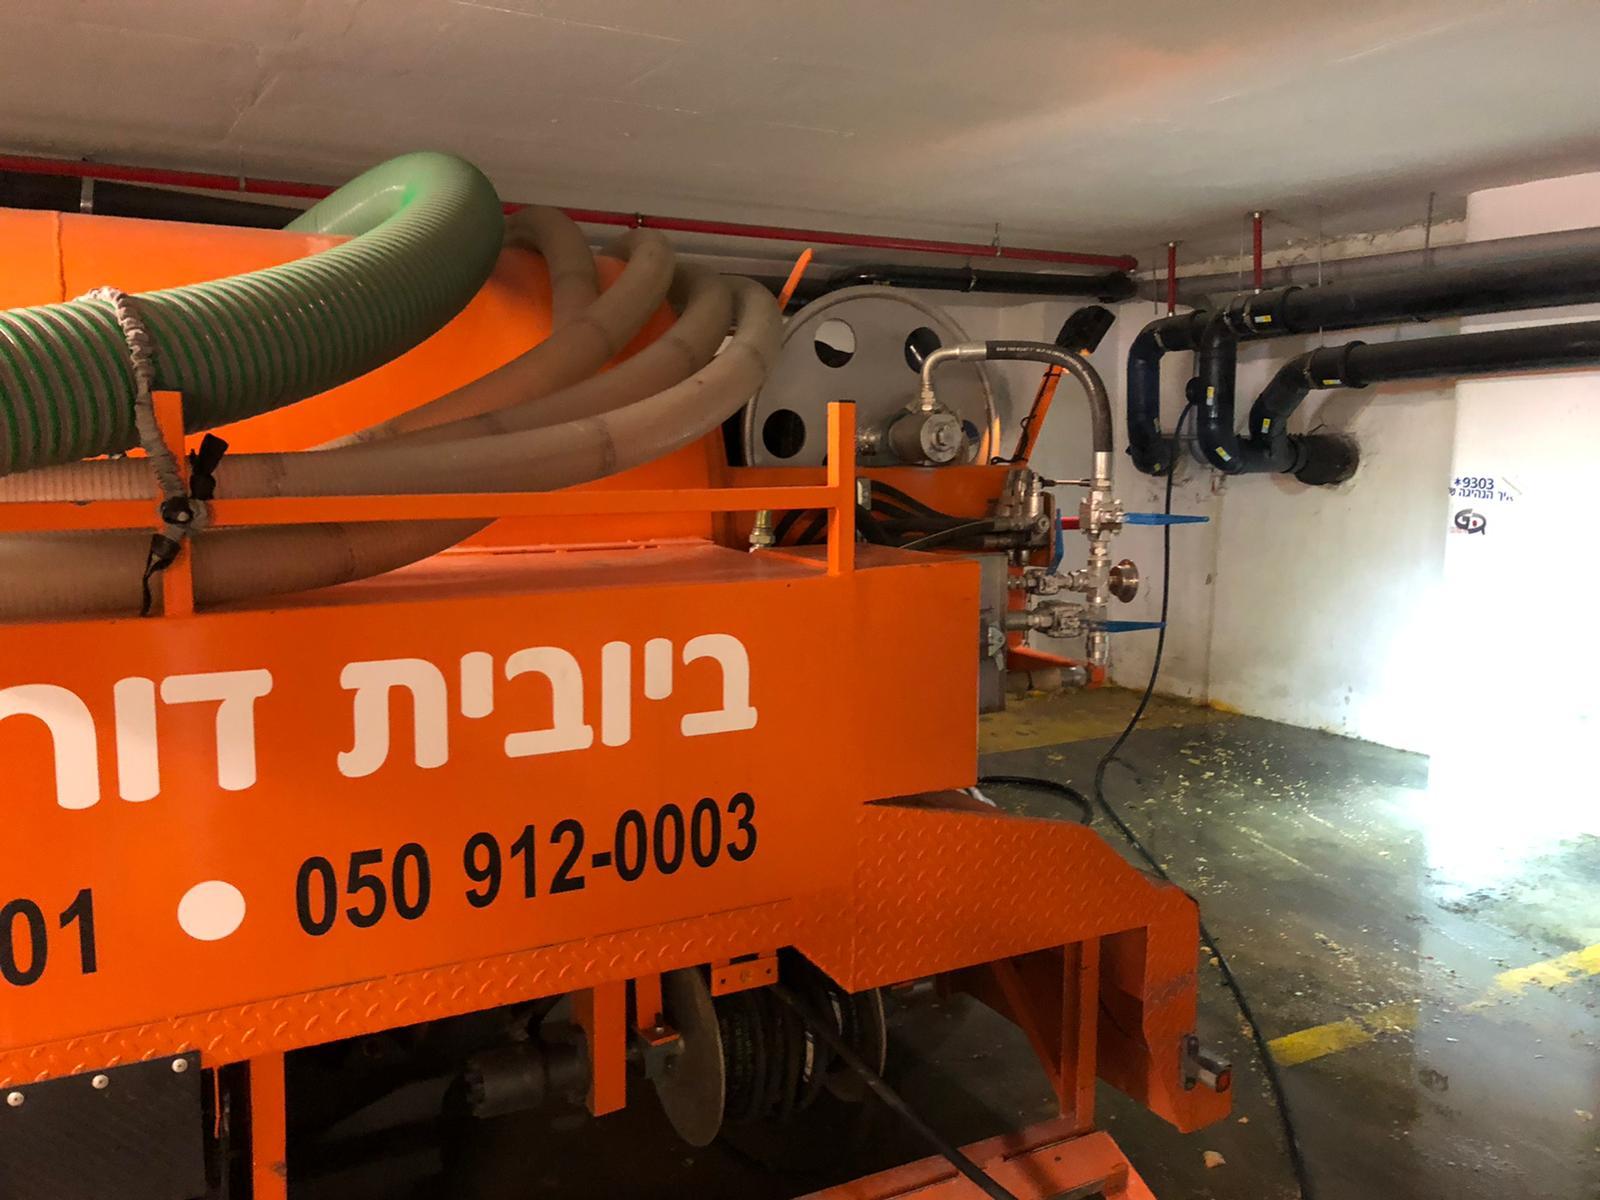 פתיחת סתימה בלחץ מים, שטיפת קוו ביוב, ושאיבת בור מפריד שומנים בחניון של משרד הבריאות בירושלים.